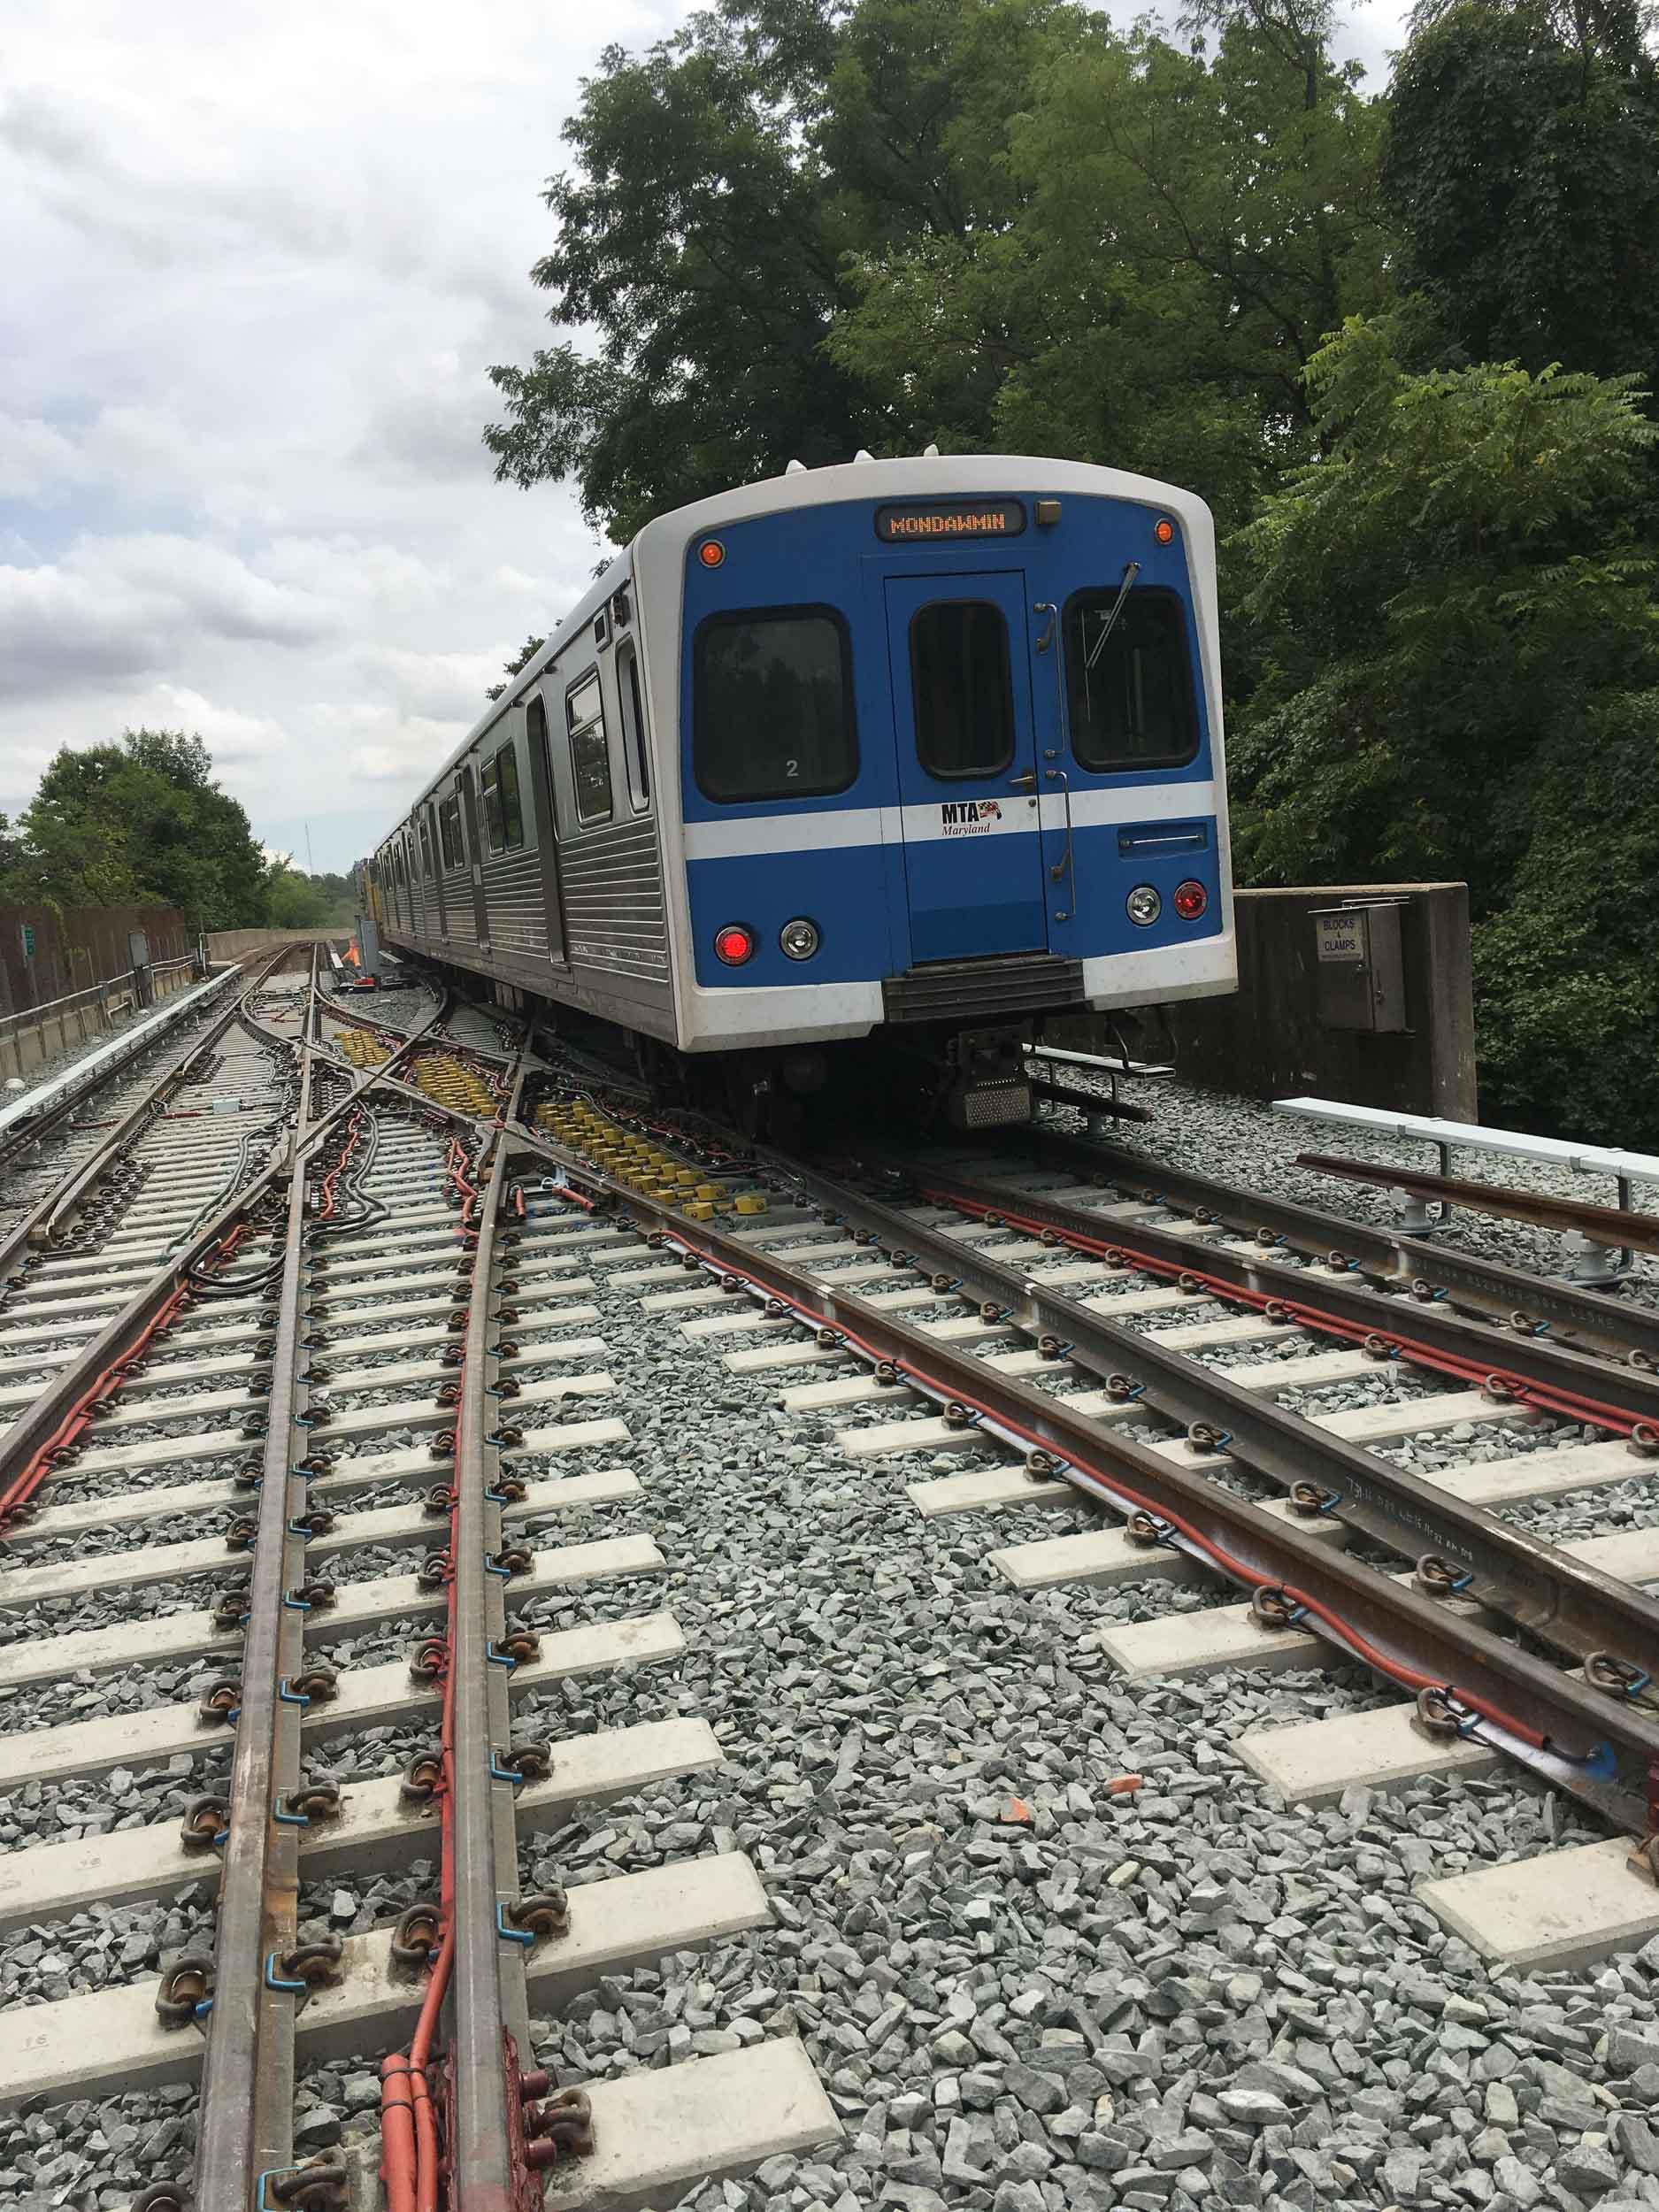 MTA Reisterstown & Rogers Ave-8.jpg